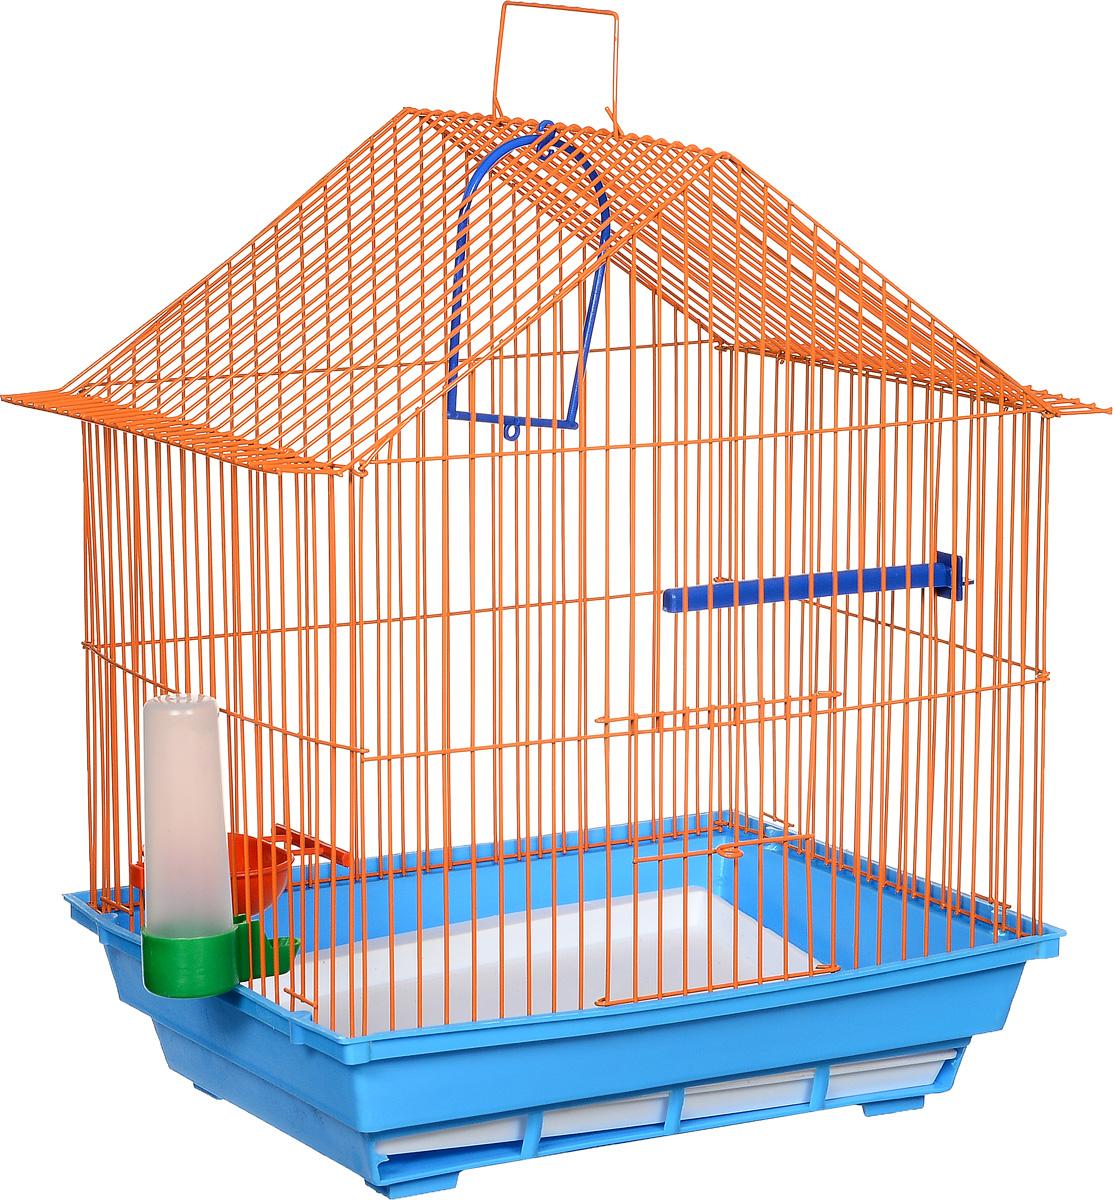 Клетка для птиц ЗооМарк, цвет: синий поддон, оранжевая решетка, 39 х 28 х 42 см410СОКлетка ЗооМарк, выполненная из полипропилена и металла, предназначена для мелких птиц. Изделие состоит из большого поддона и решетки. Клетка снабжена металлической дверцей. В основании клетки находится малый поддон. Клетка удобна в использовании и легко чистится. Она оснащена кольцом для птицы, поилкой, кормушкой и подвижной ручкой для удобной переноски.